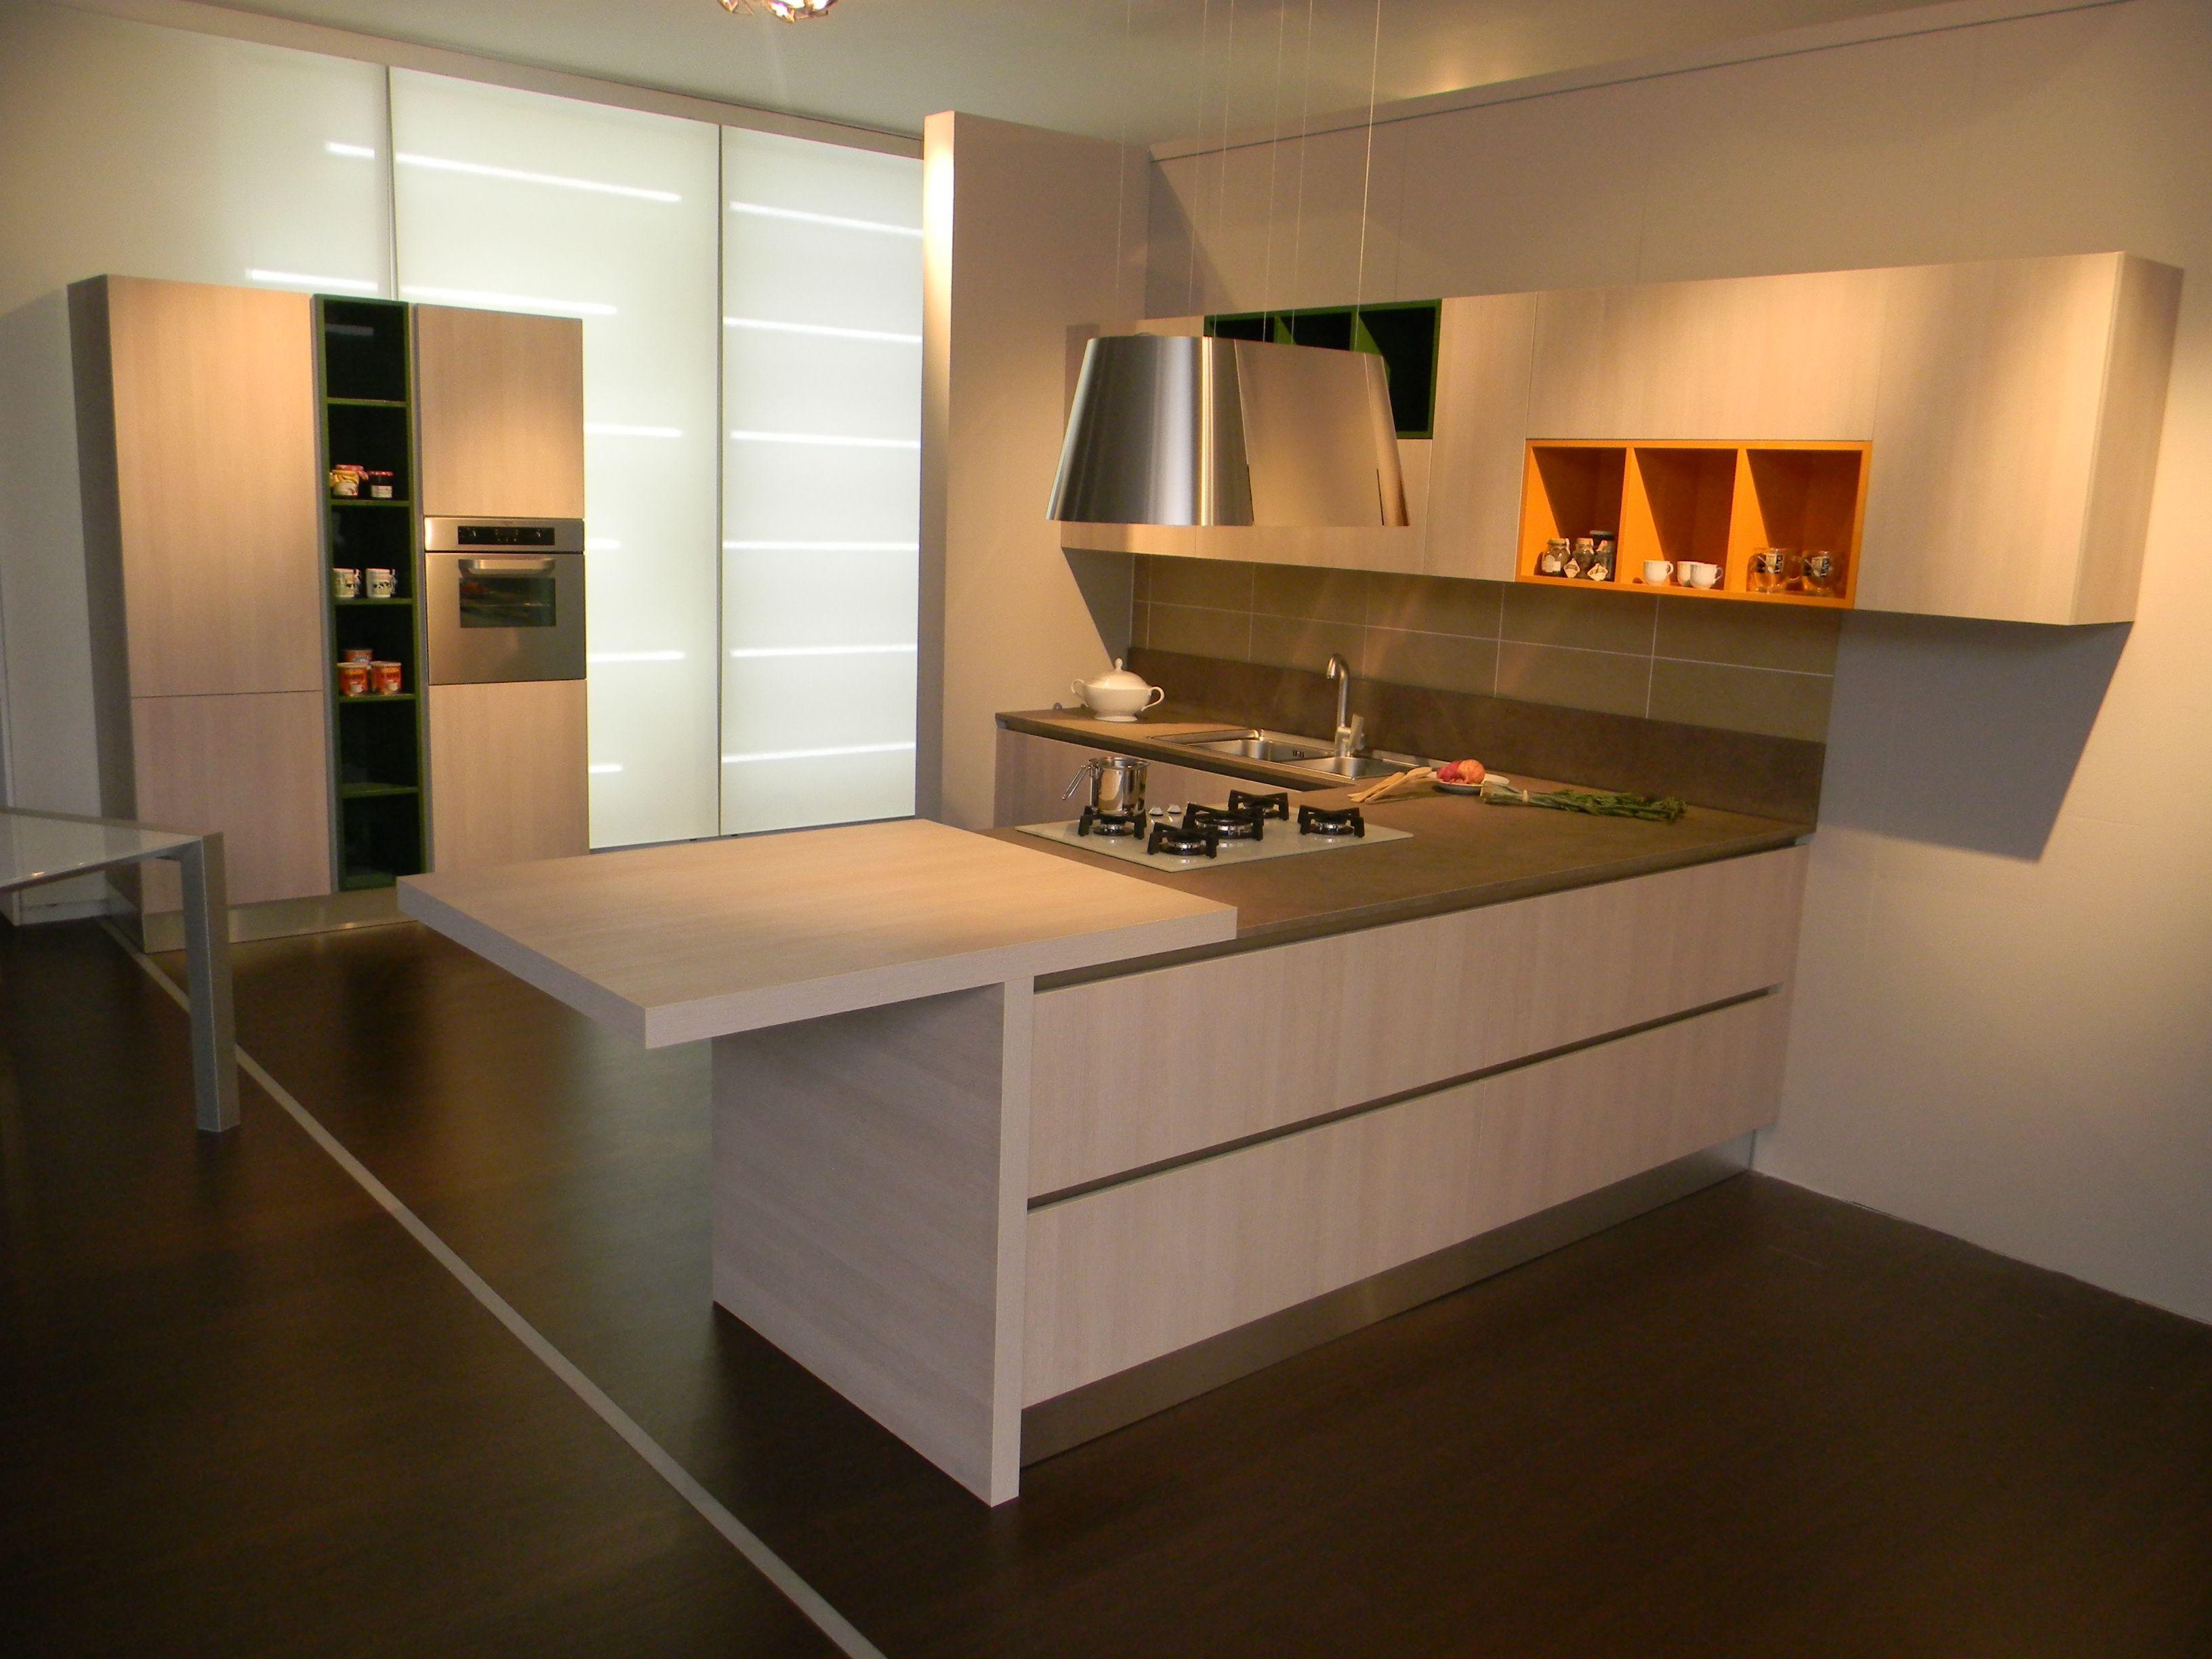 Cucina penisola disegno - Cucine valdesign ...